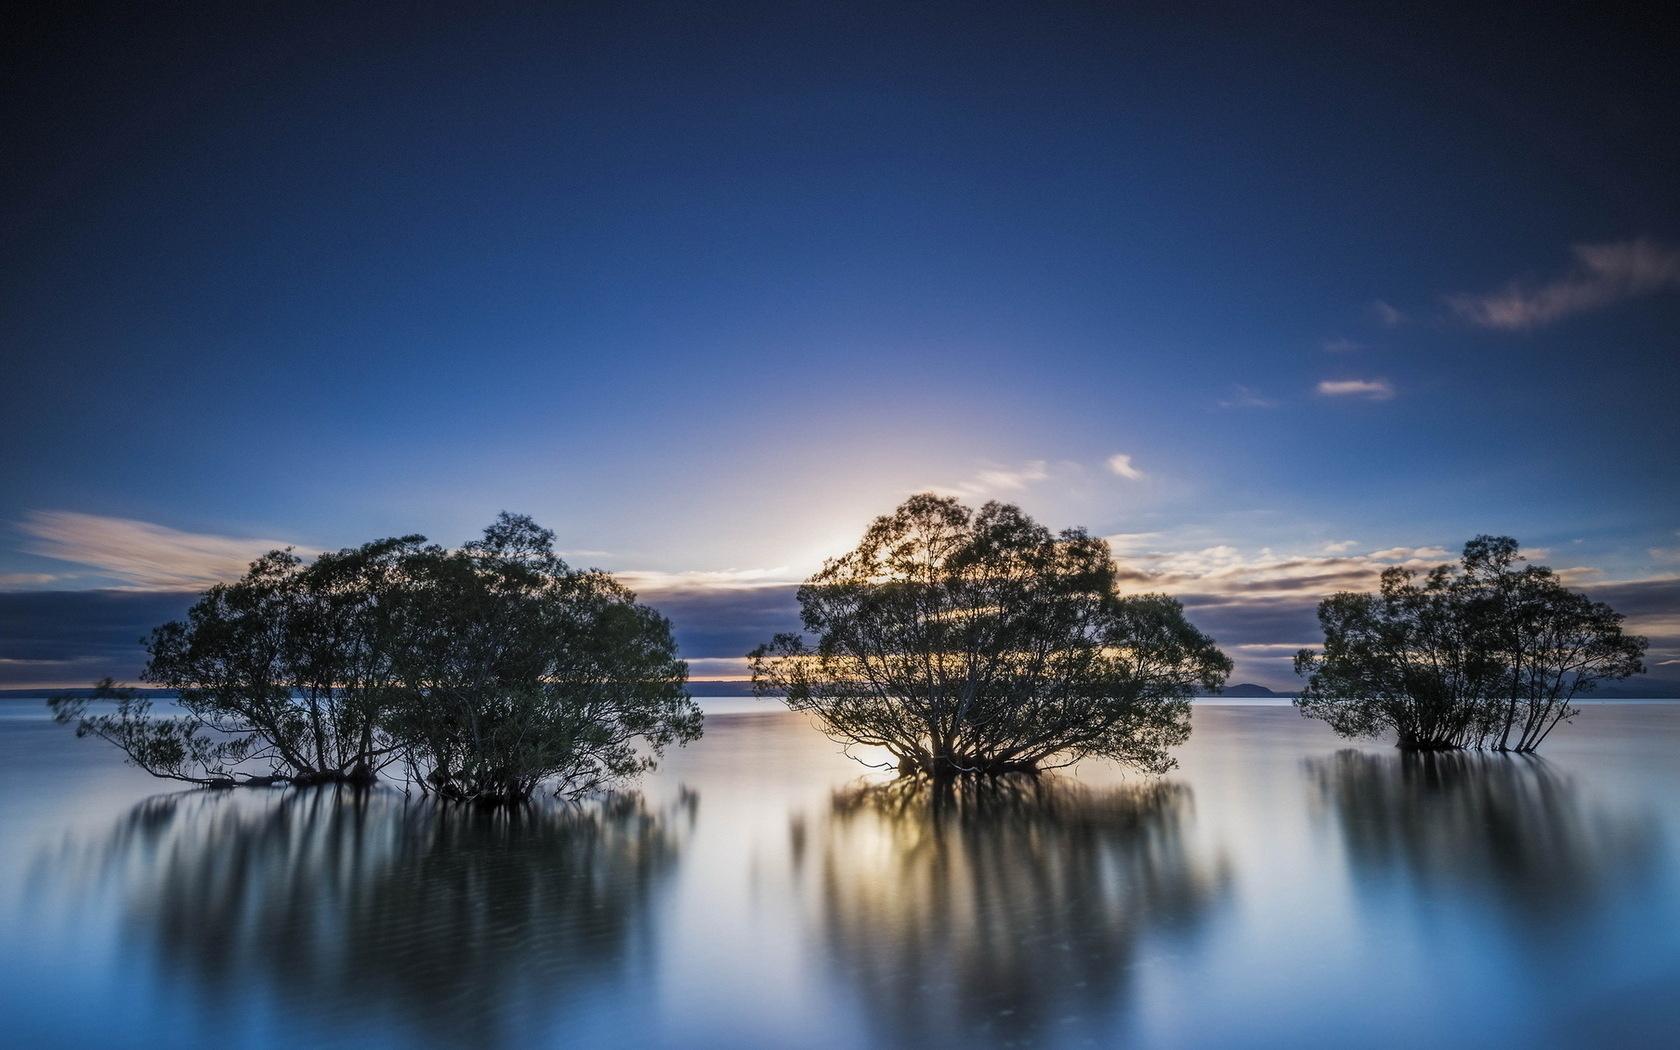 озеро, природа, пейзаж, деревья